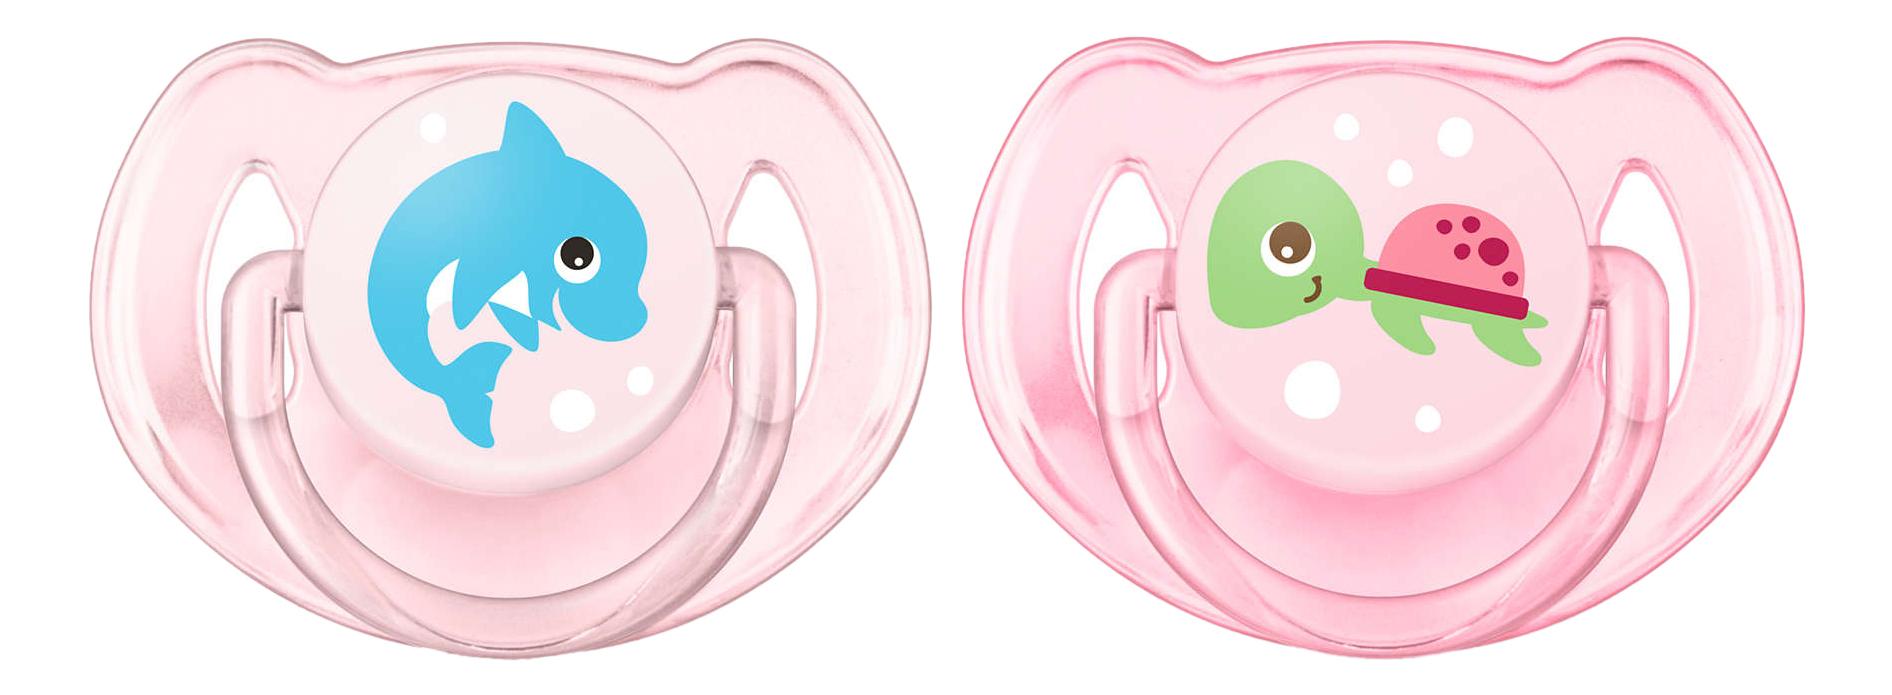 Набор детских пустышек Philips Avent Classic для девочки 6-18 месяцев 2 шт. фото